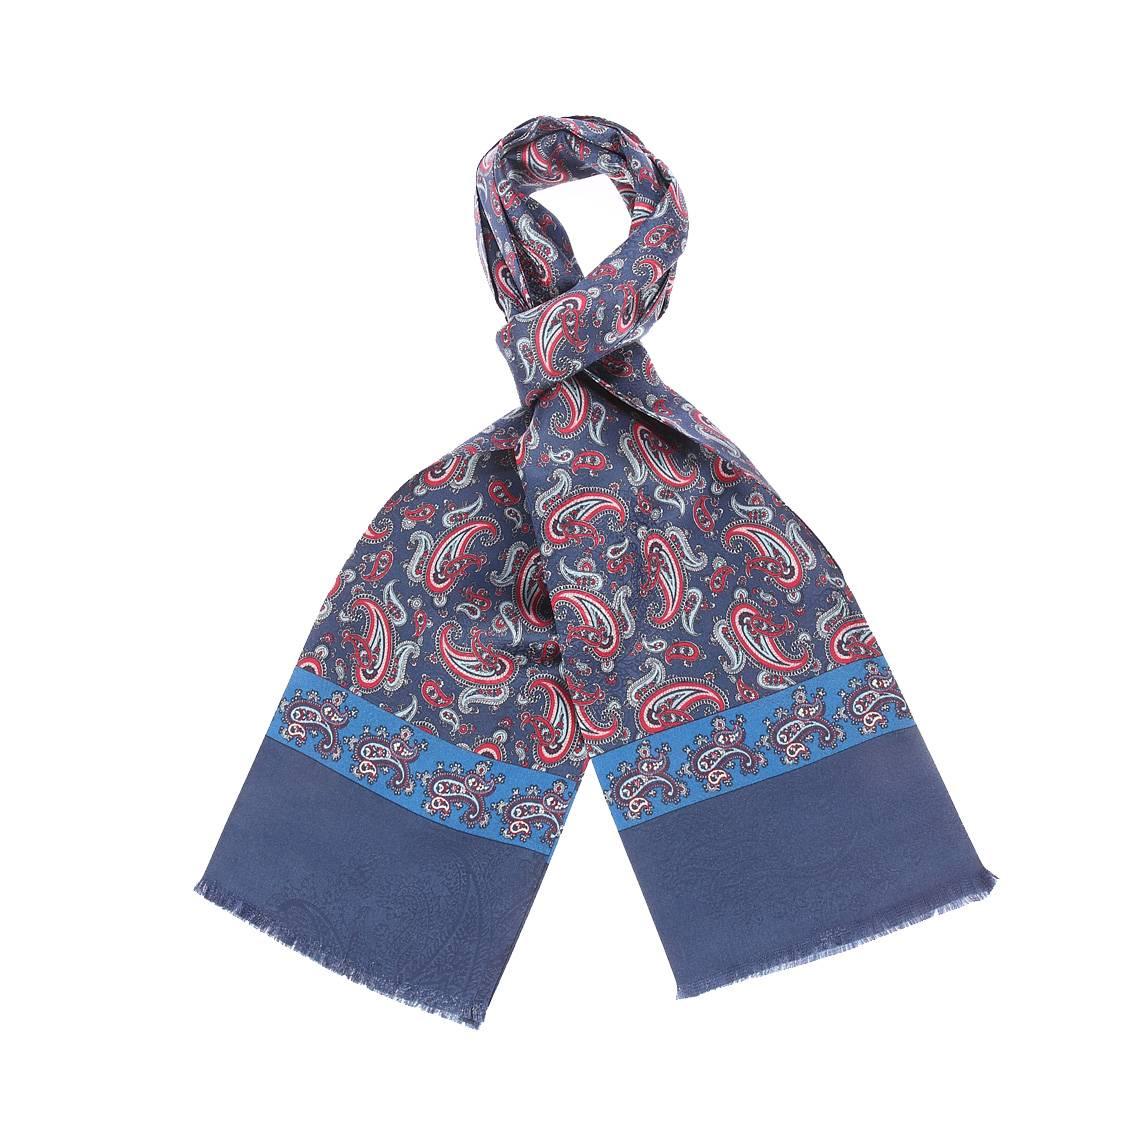 Echarpe en soie  bleu marine à motifs cachemires bleu marine et rouges